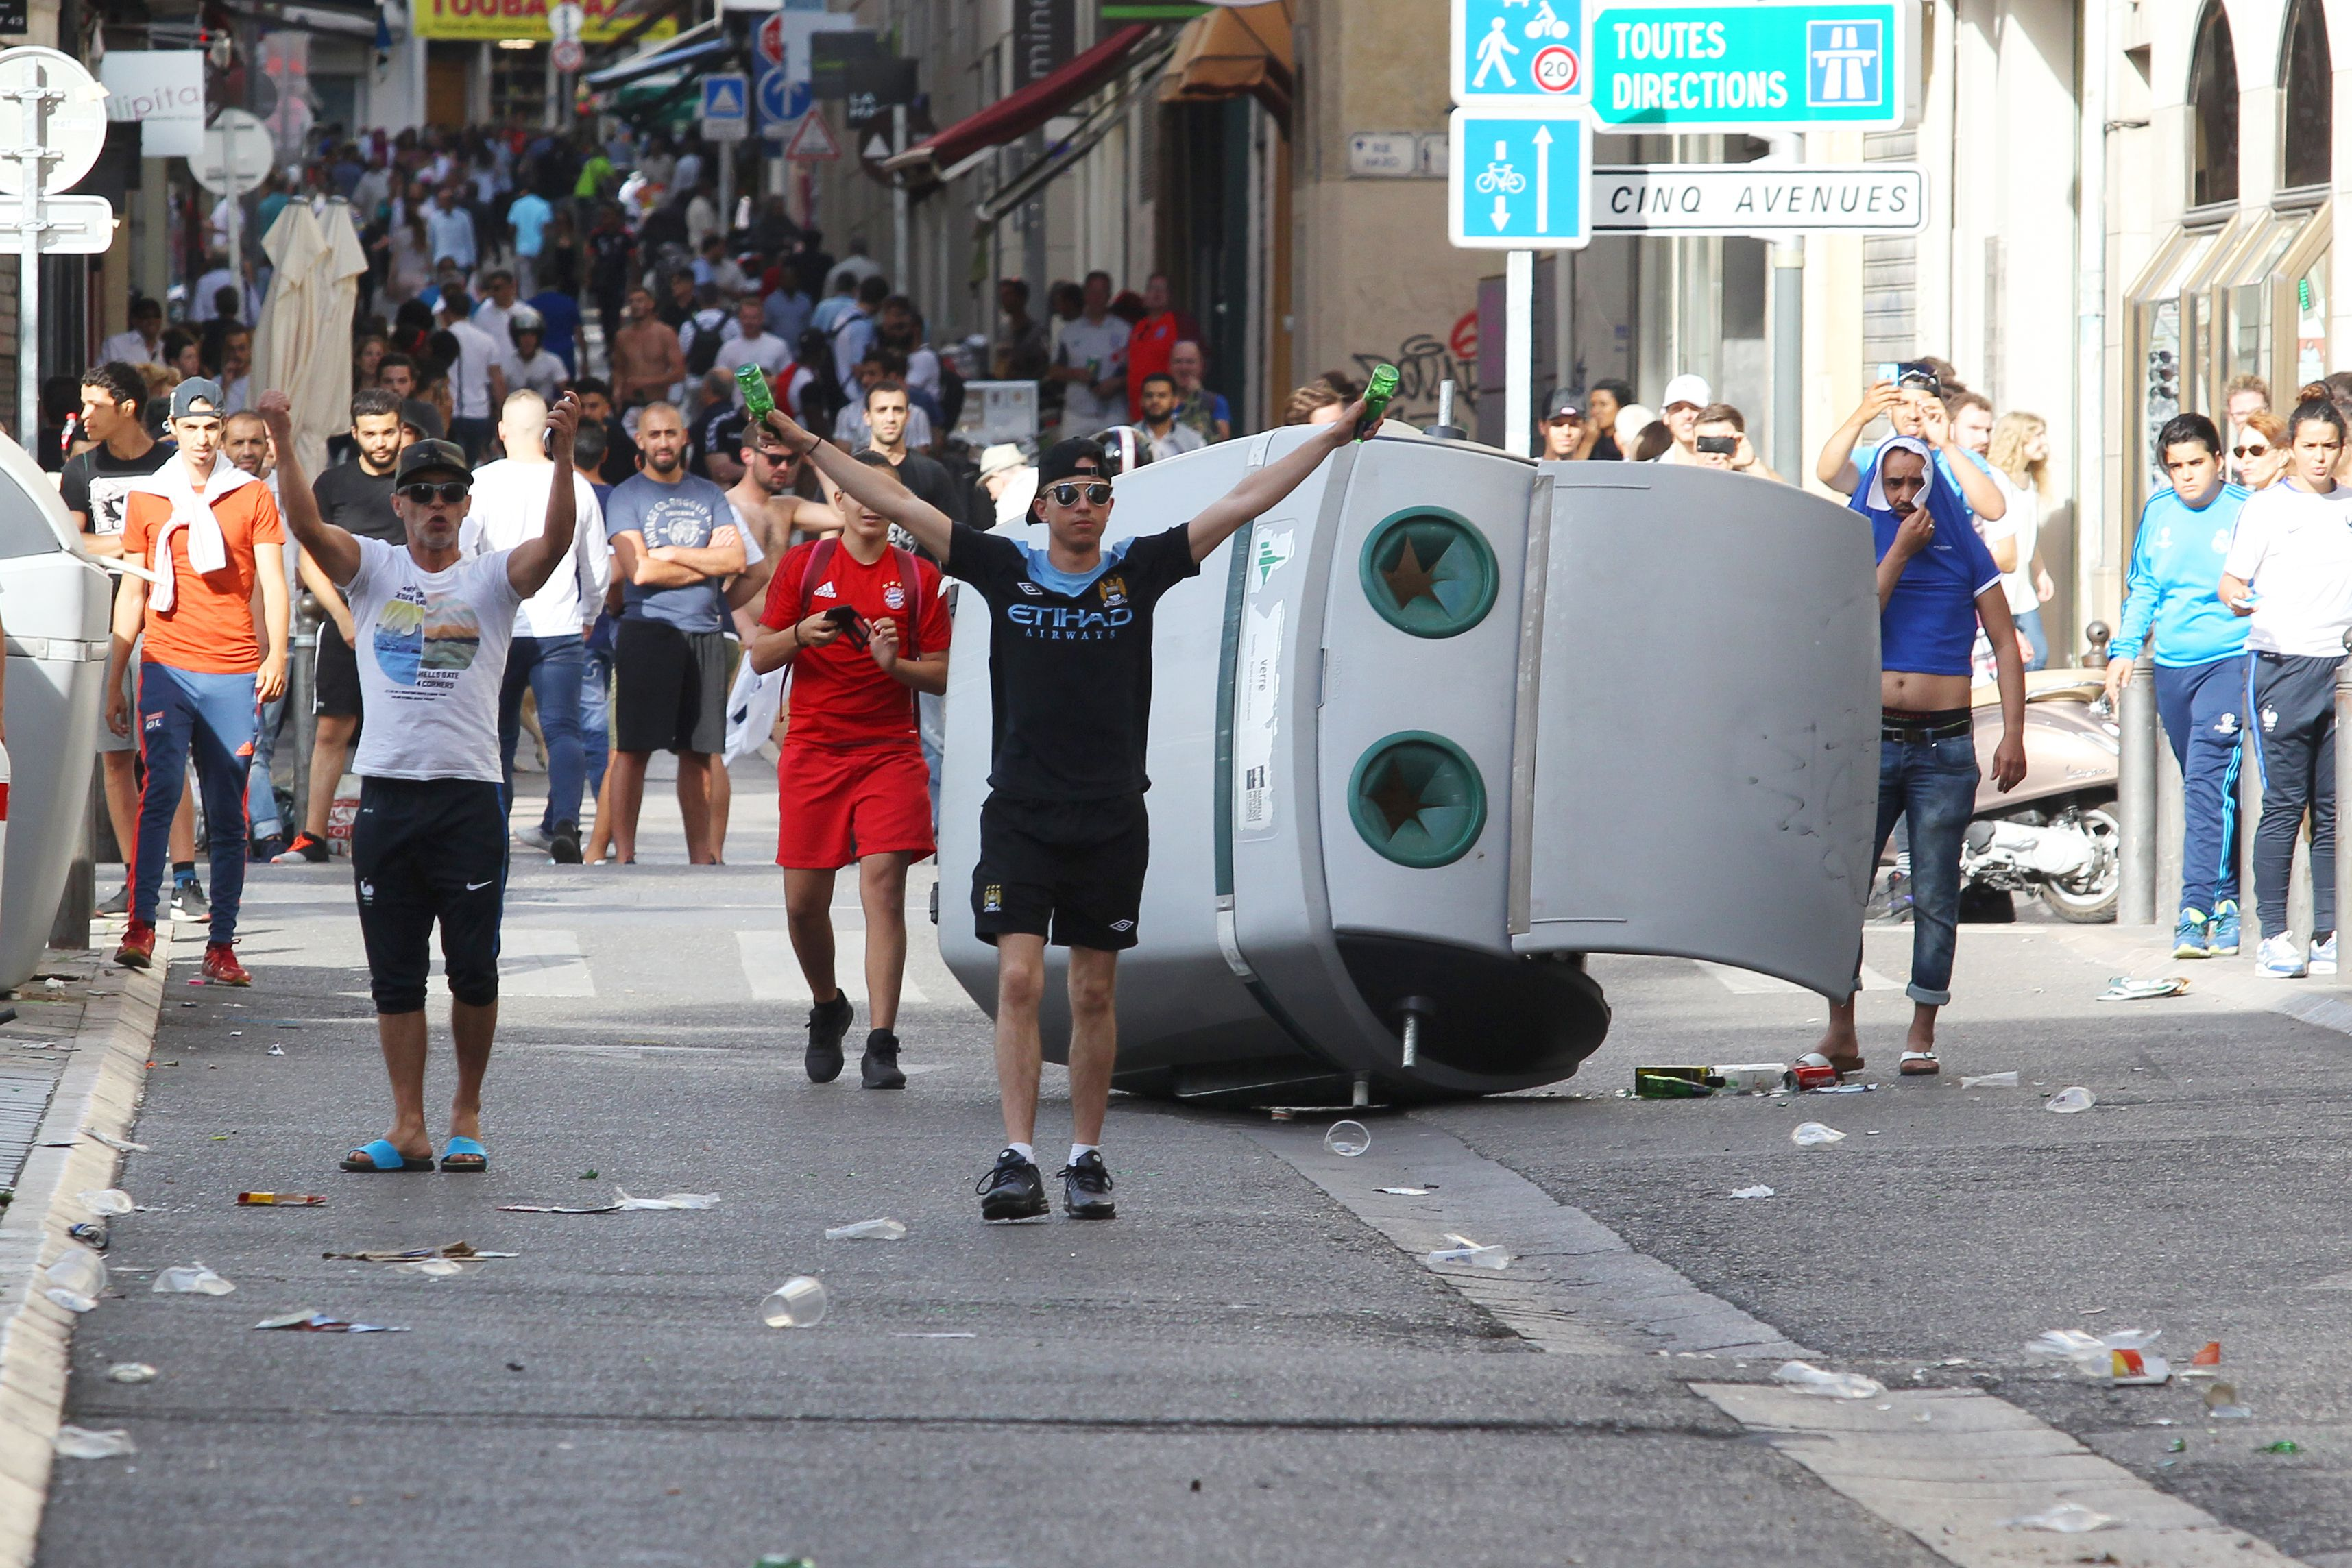 بعد احداث الشغب فرنسا تقرر منع الكحول للمشجعين